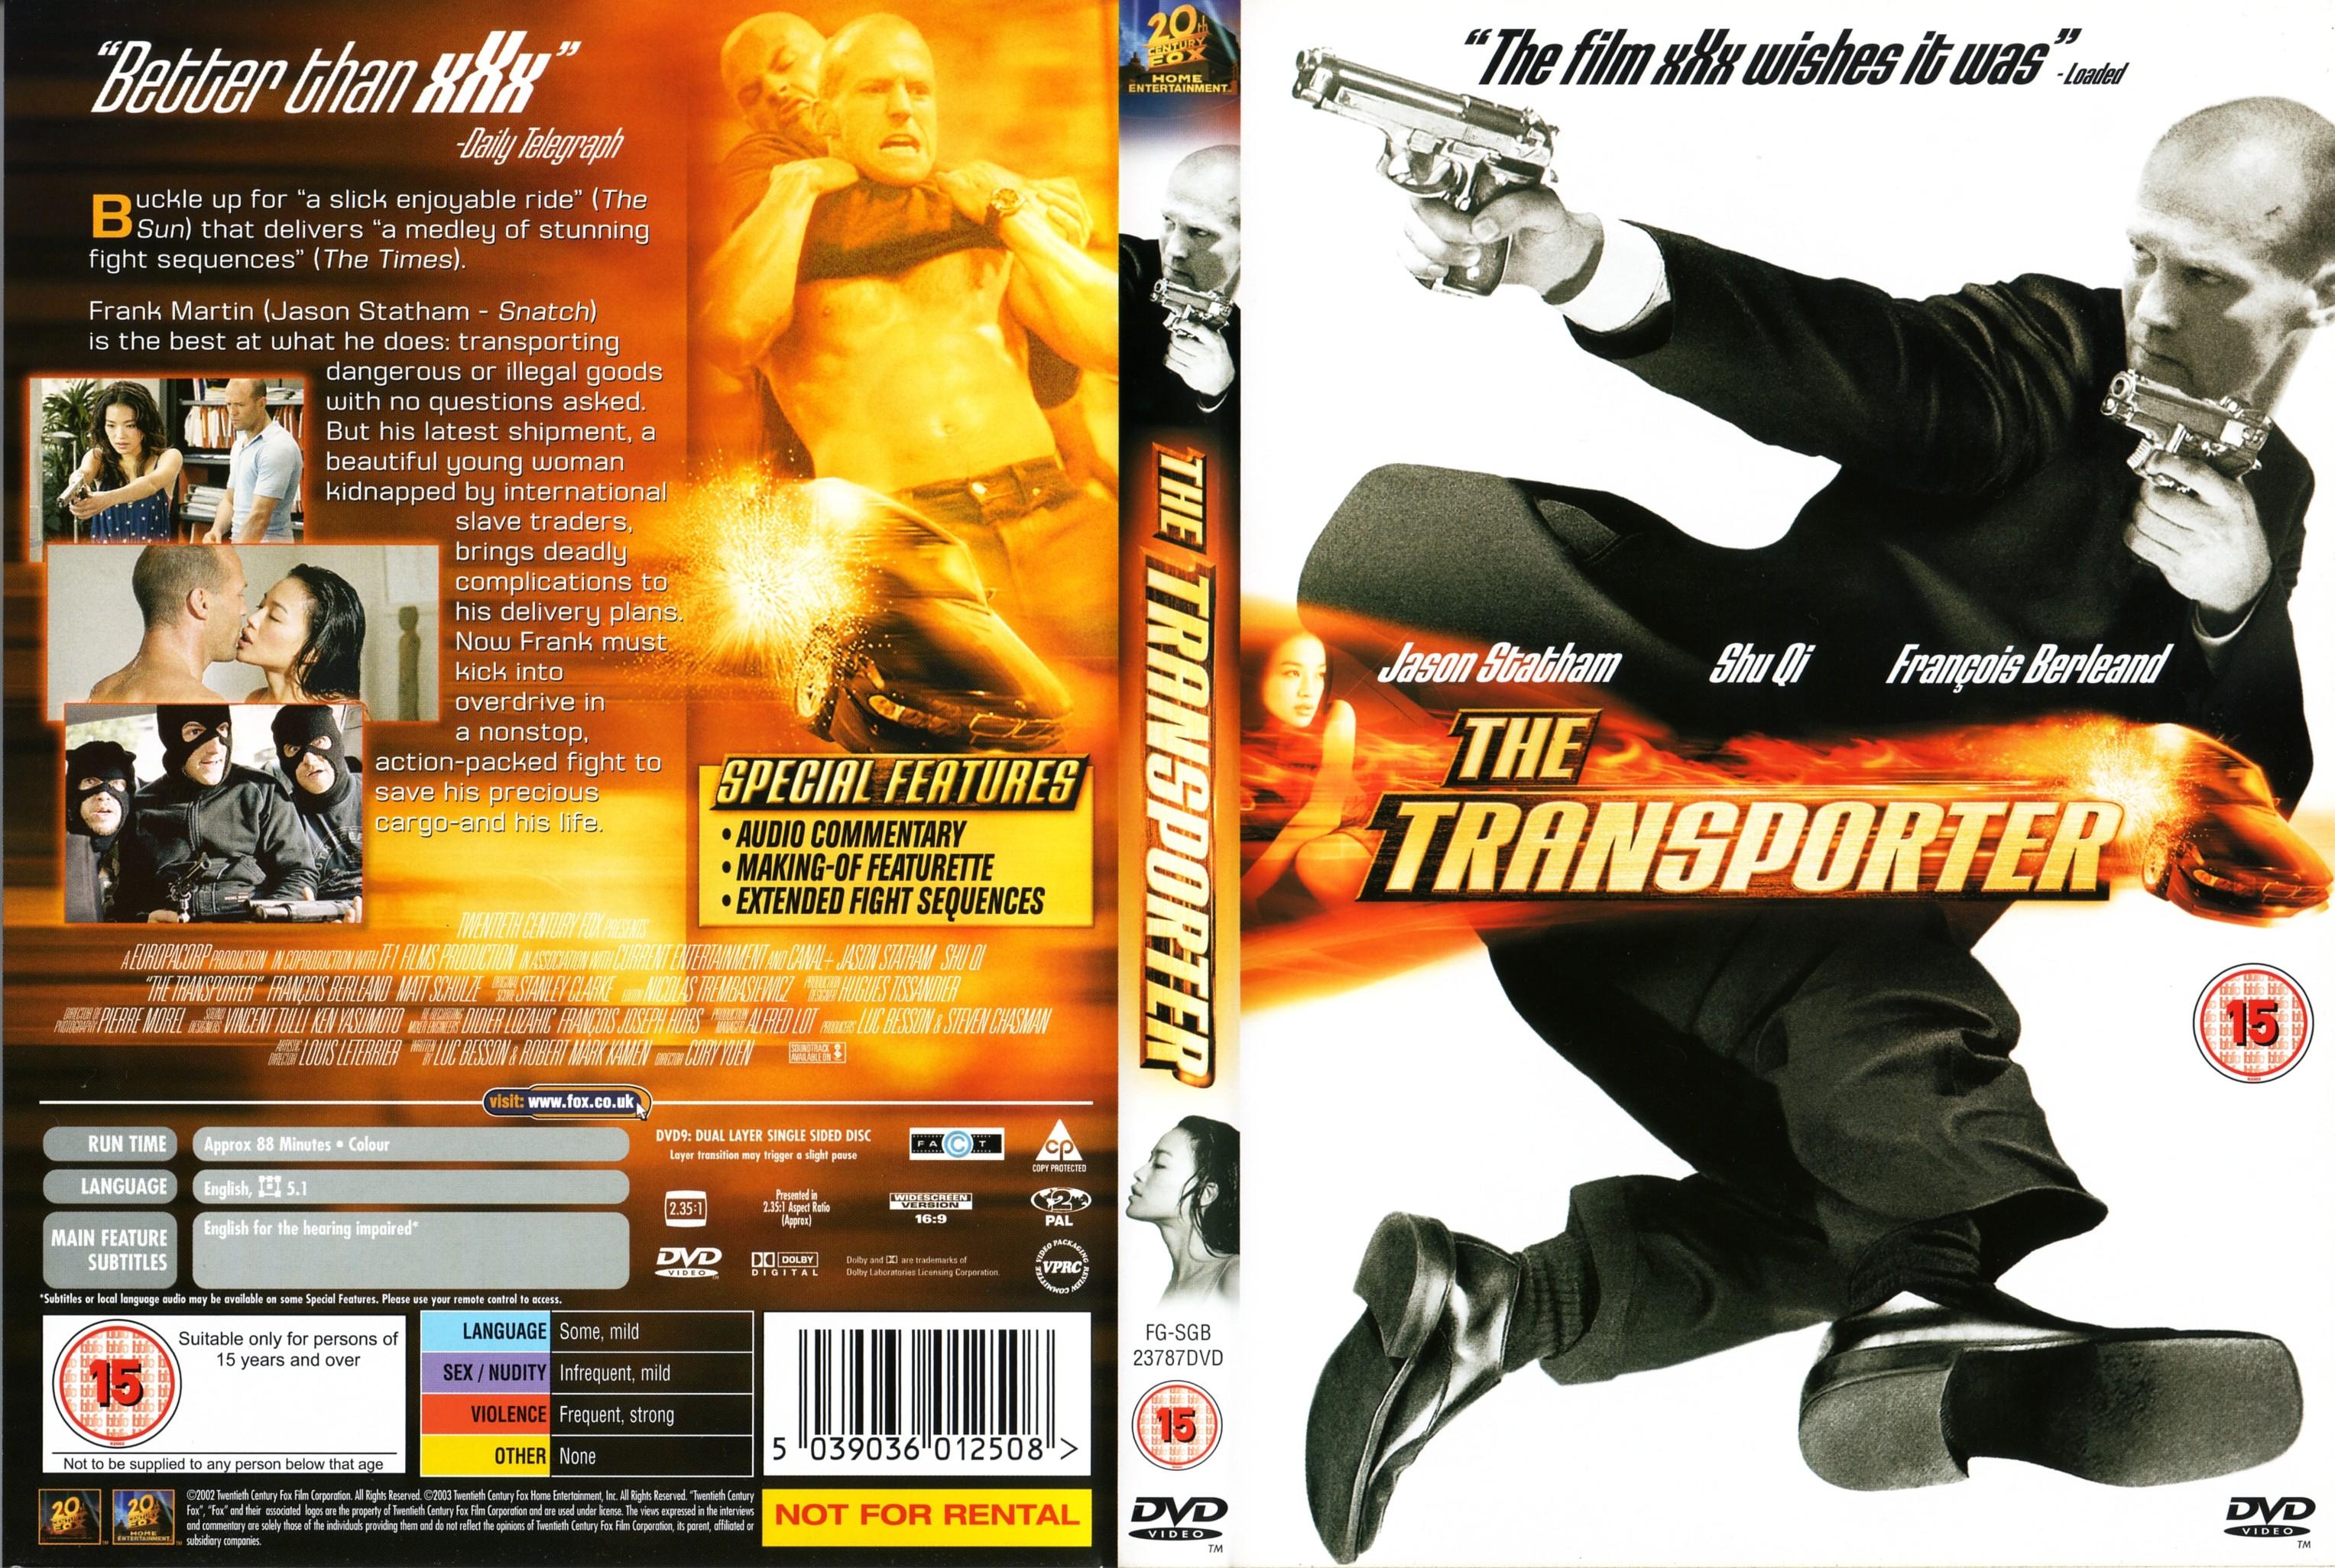 Transporter 2 British dvd cover |Transporter 2 Dvd Cover